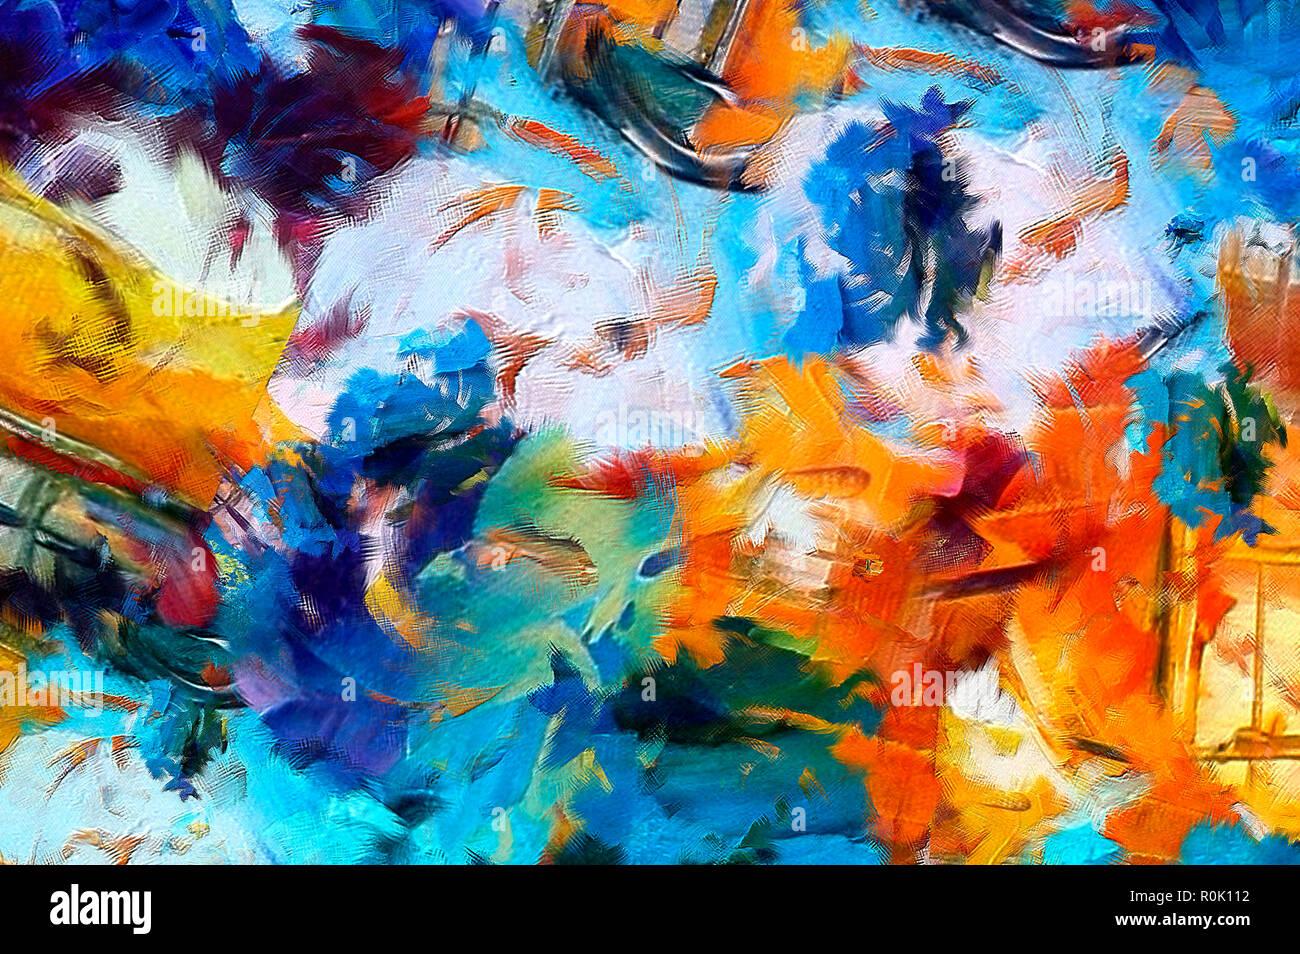 La peinture abstraite. Art en vente. La peinture